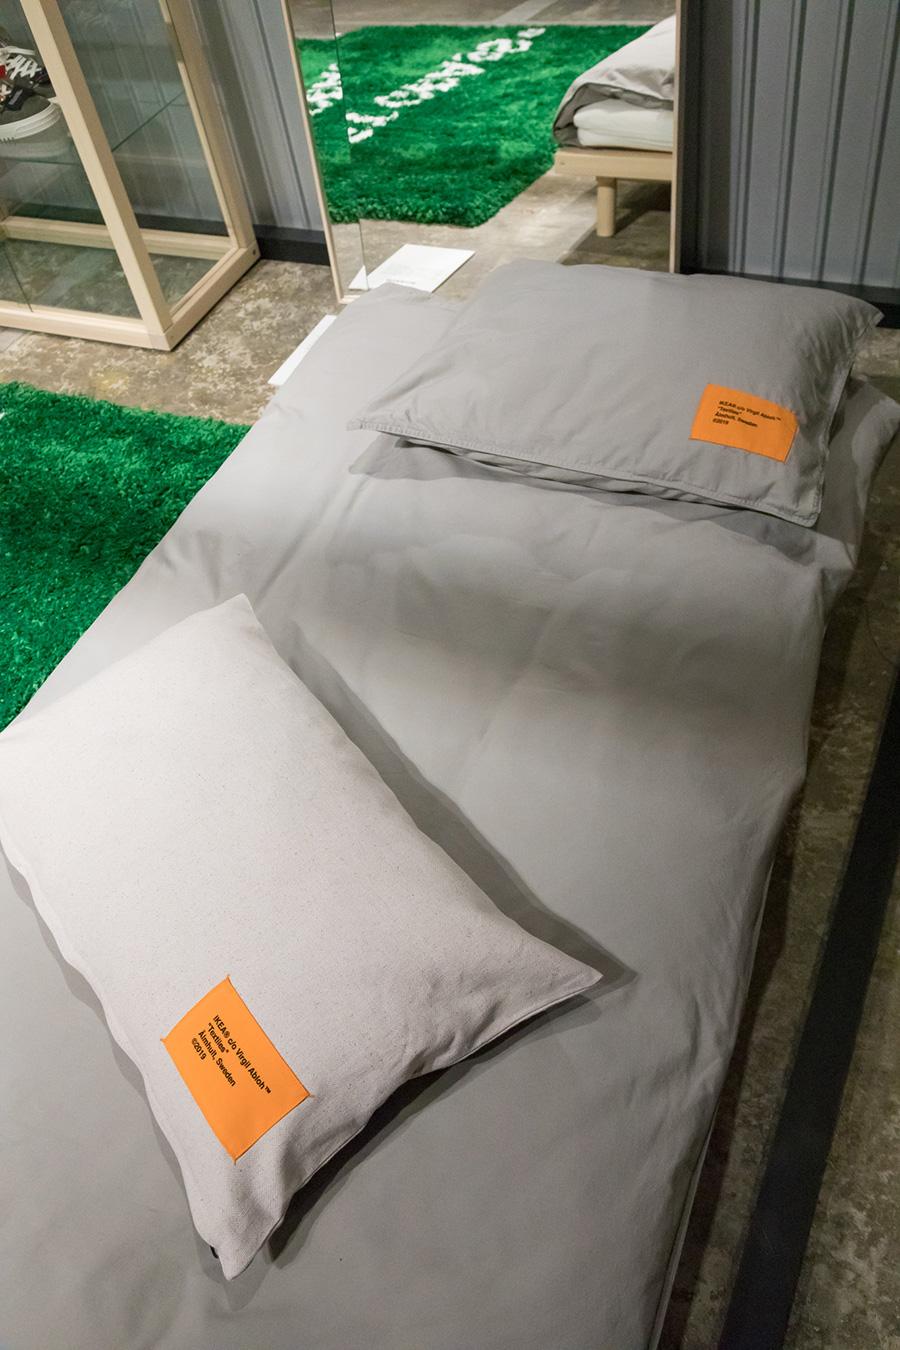 初めての一人暮らしを想定した『MARKERAD』コレクションには、寝具のラインナップも。